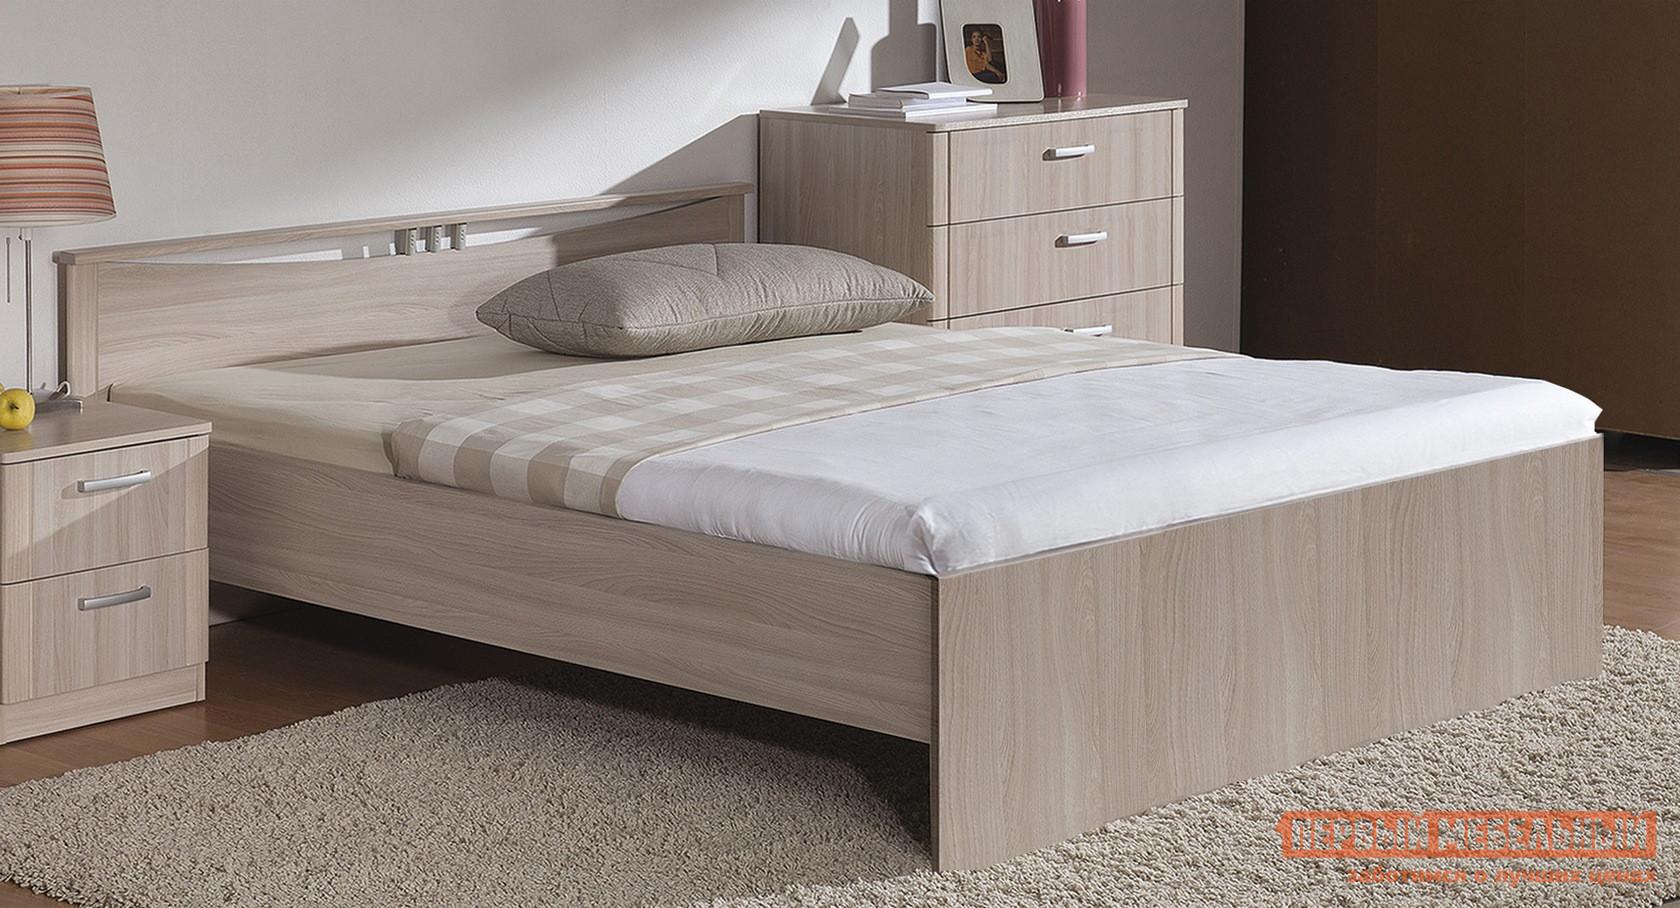 Кровать Боровичи Мелисса Шимо светлый, Спальное место 1600 X 2000 мм